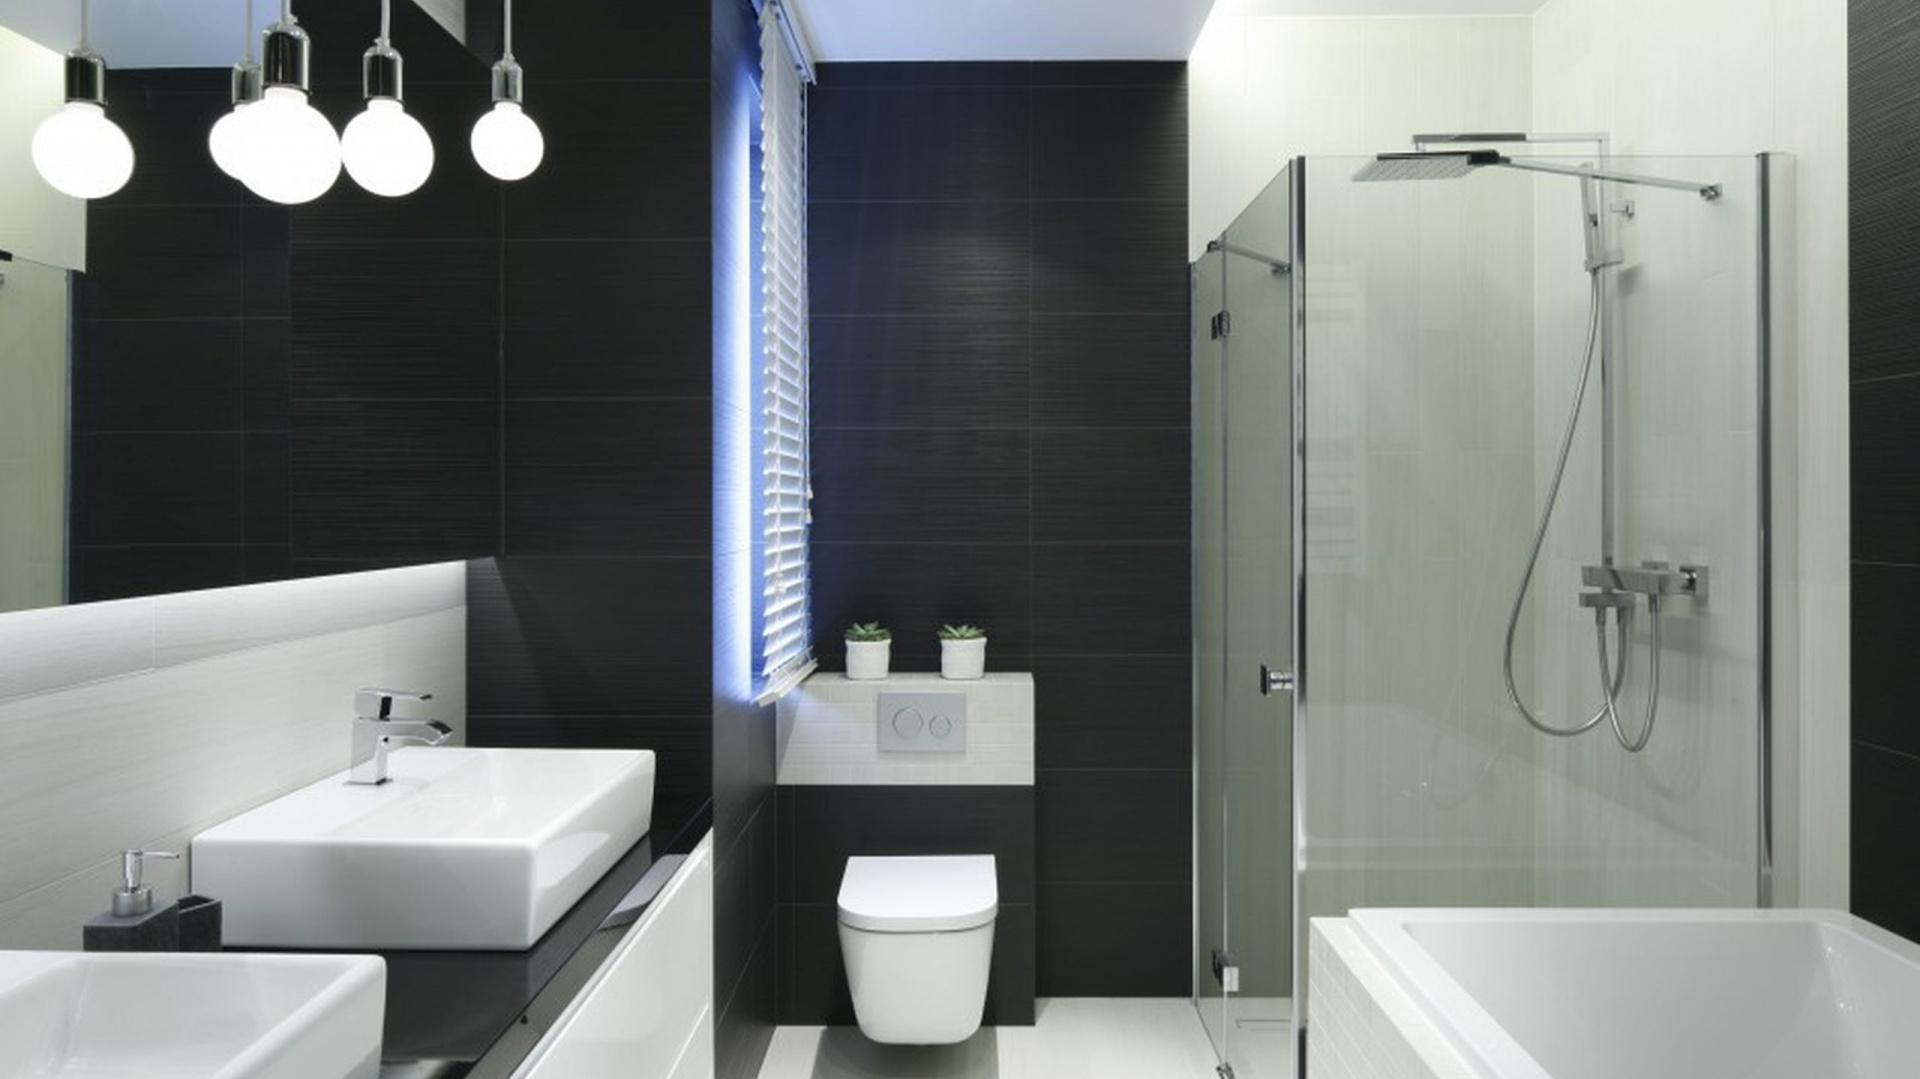 Biel i grafit, proste formy oraz odważne rozwiązania sprawiają, że łazienka jest elegancka i funkcjonalna, zachwyca lekką i nowoczesną aranżacją. Proj. Karolina Stanek-Szadujko, Łukasz Szadujko. Fot. Bartosz Jarosz